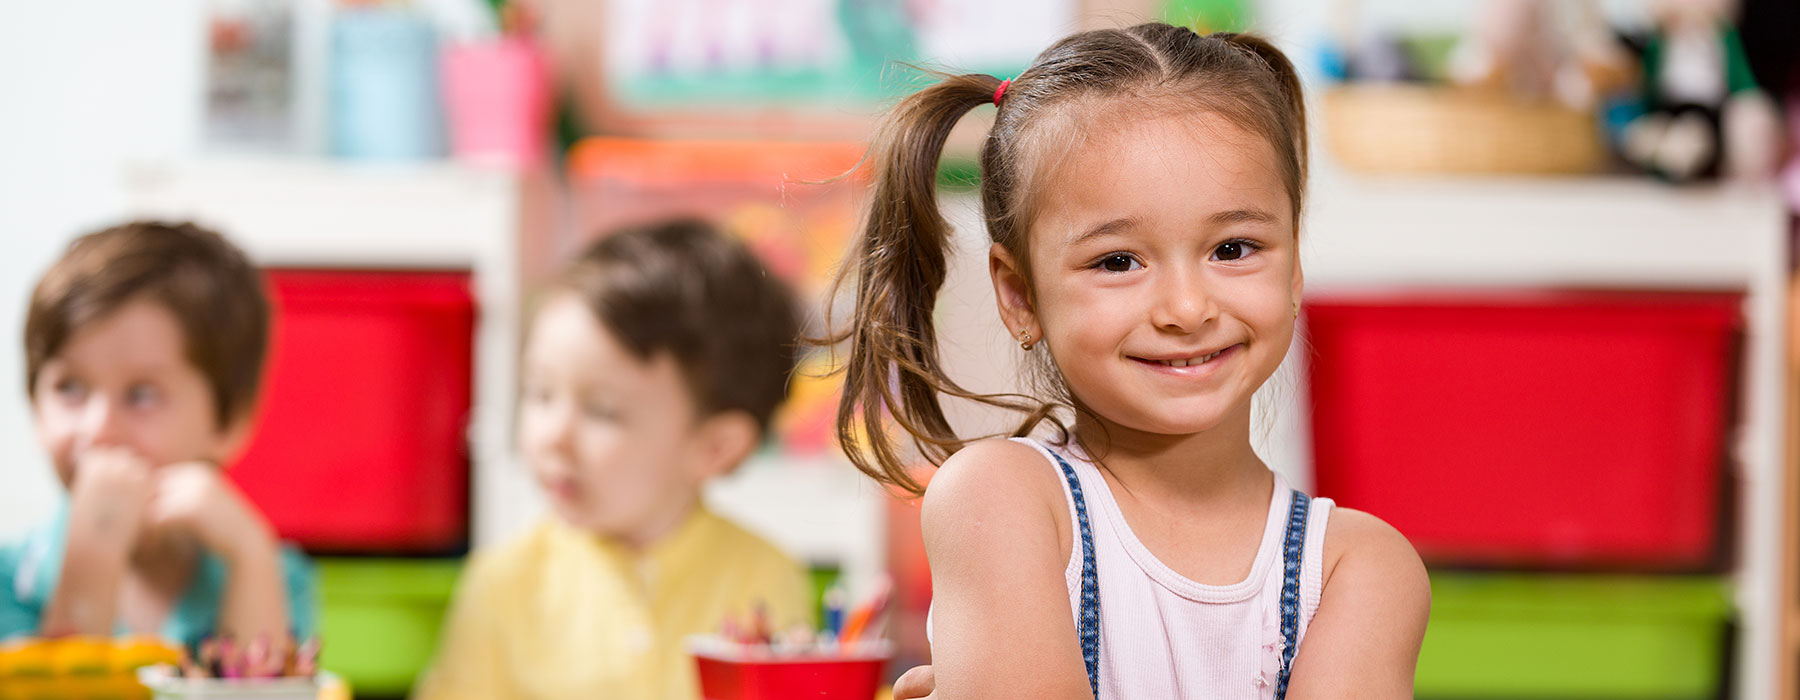 Endlich mehr Zeit für Kinder – Kids in Kostheim untersützt alle Einrichtungen für Kinder in Kostheim